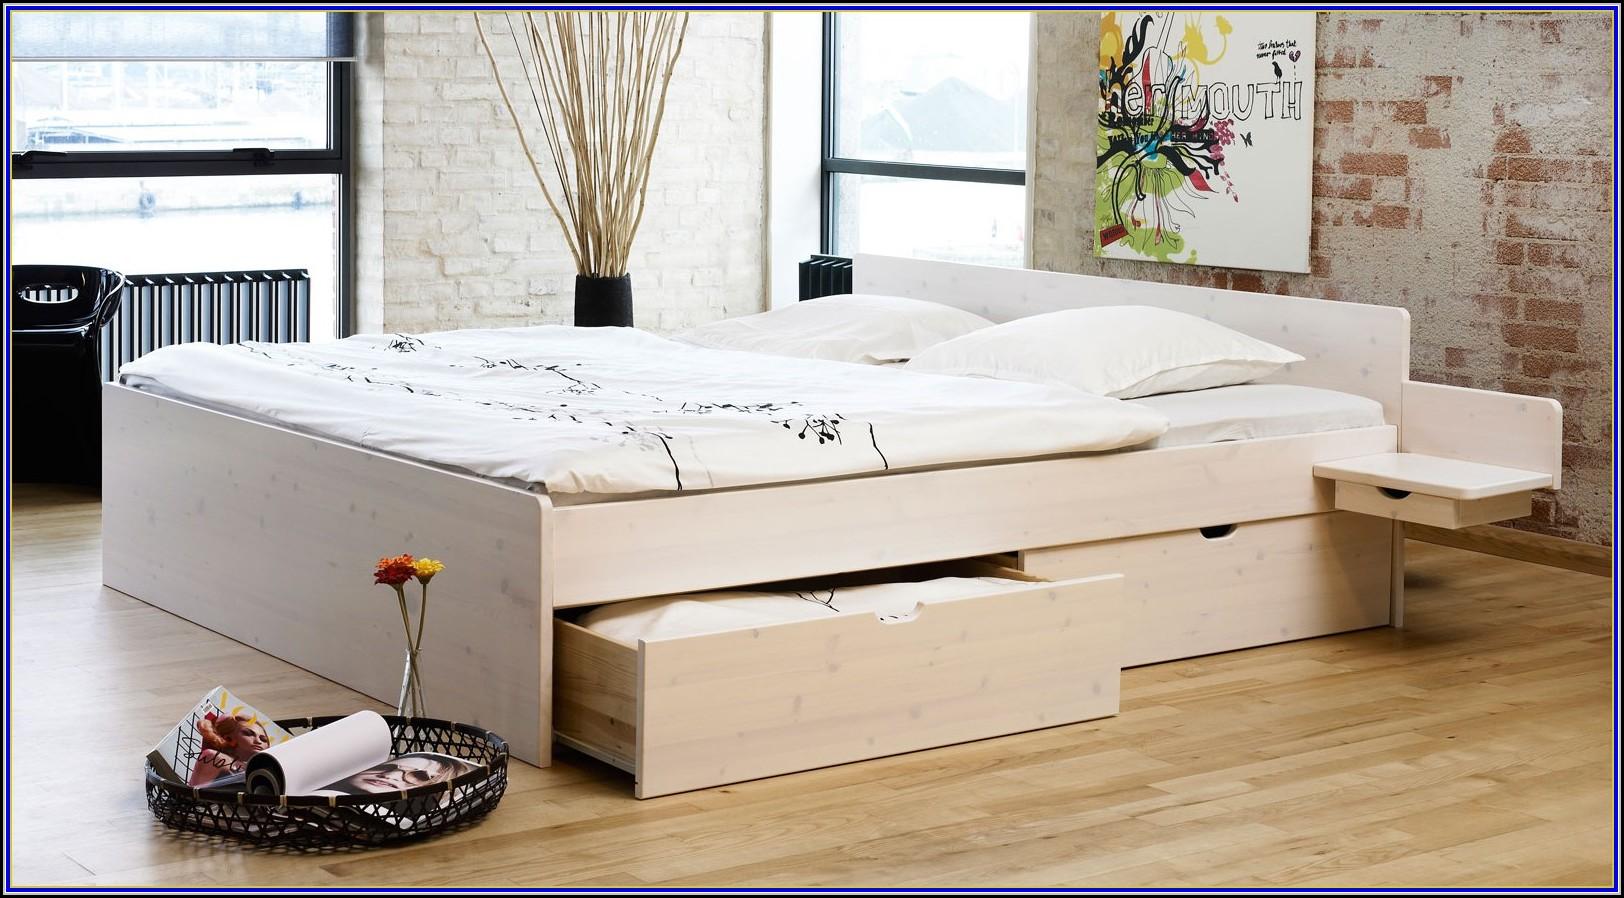 bett kiefer schubladen ikea betten house und dekor galerie elkg0dawa7. Black Bedroom Furniture Sets. Home Design Ideas